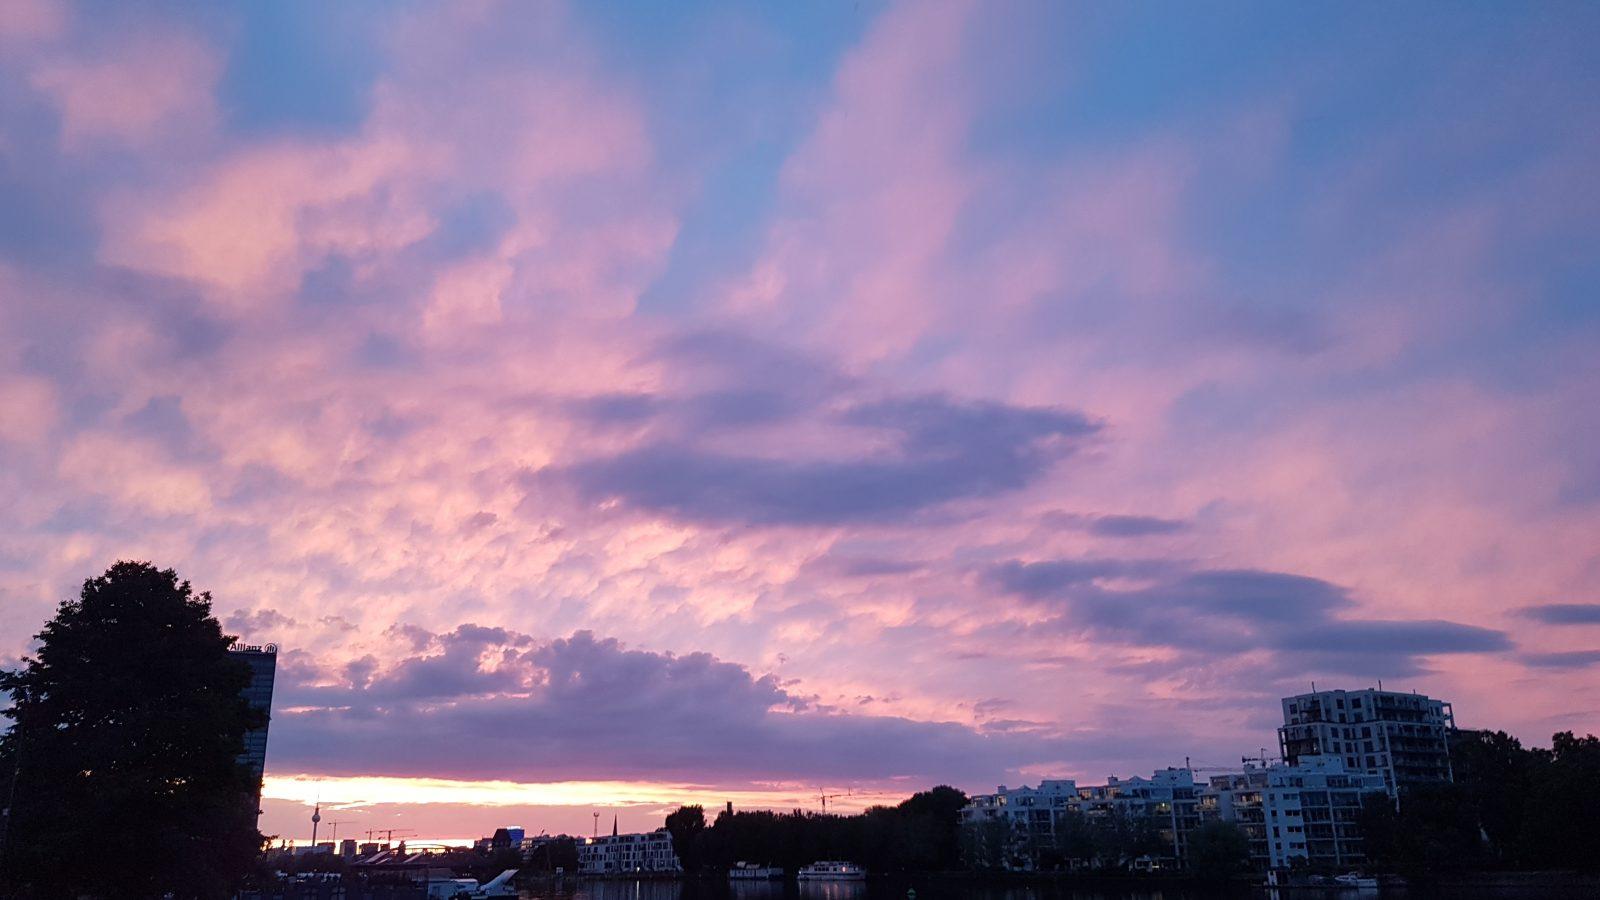 Das Bild zeigt einen rosa Abendhimmel über einem Gewässer.